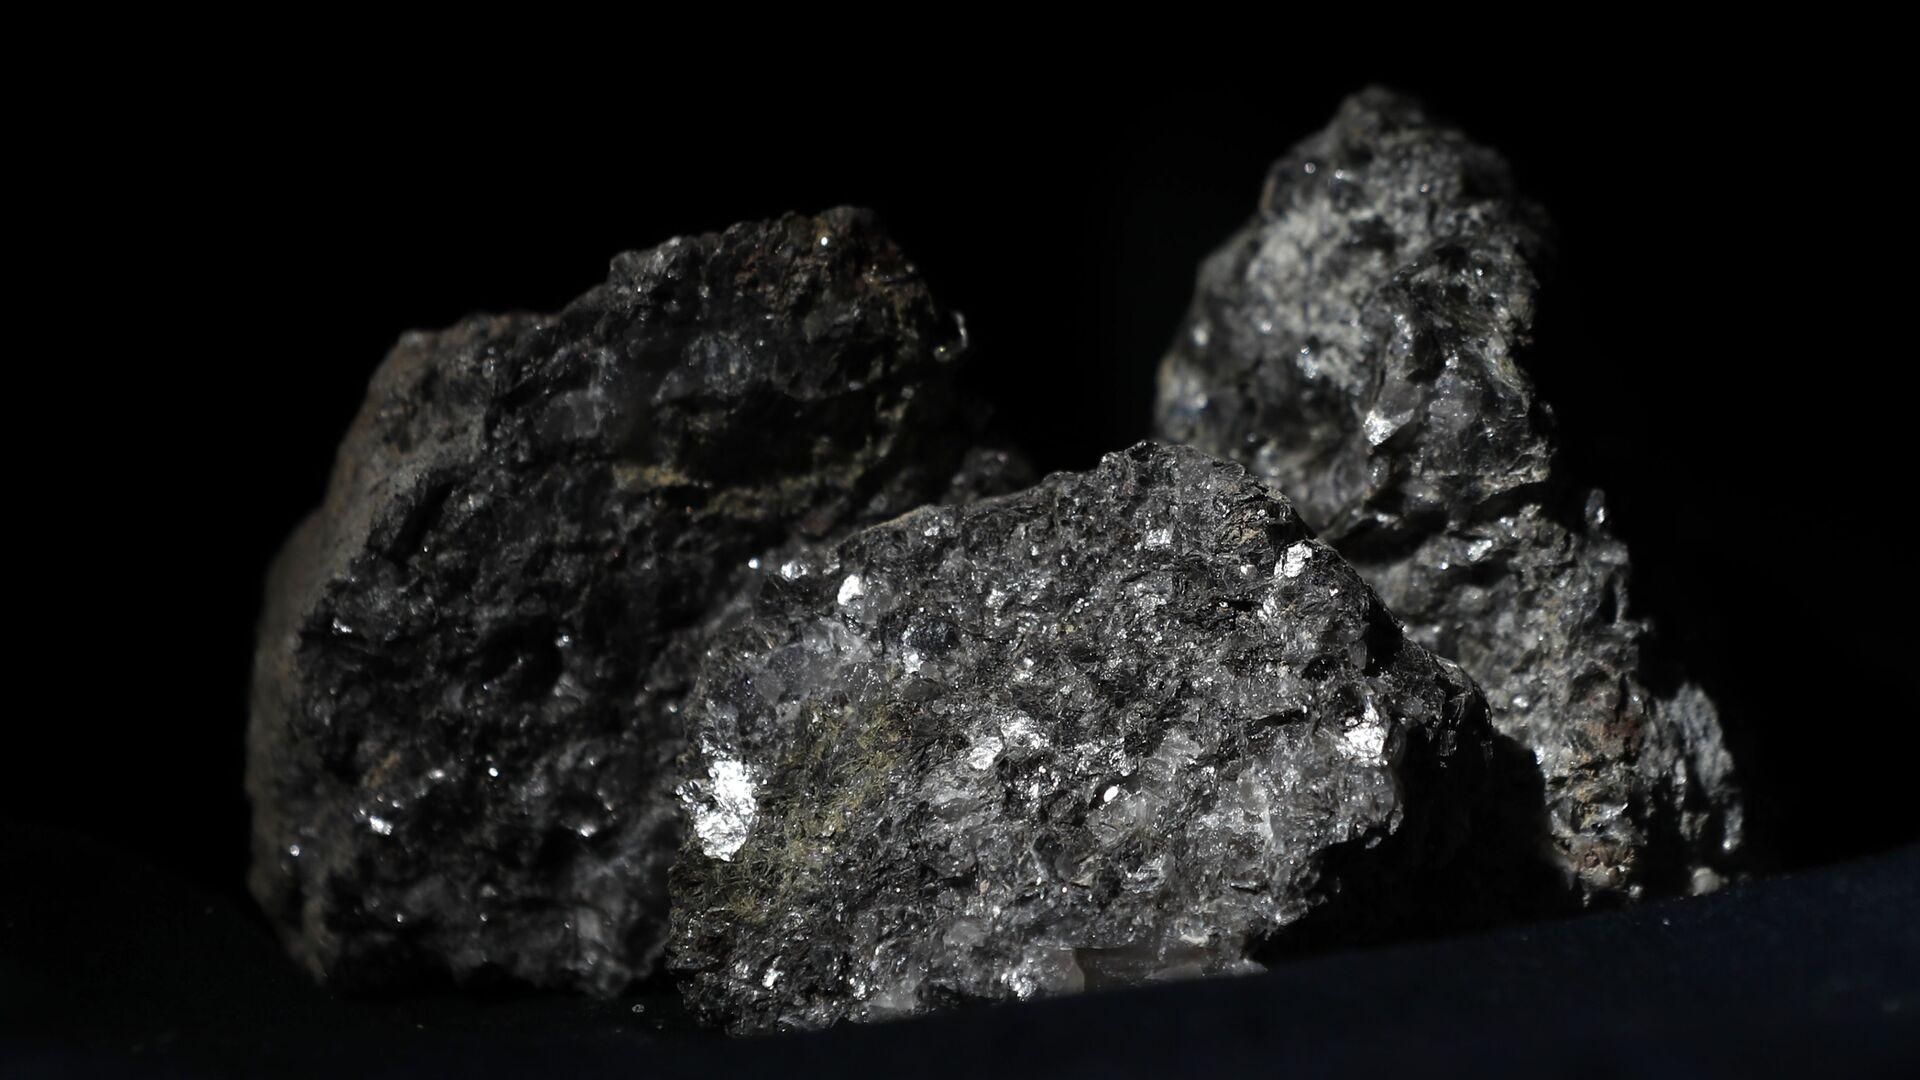 Partículas de litio brillan en la superficie de un mineral  - Sputnik Mundo, 1920, 07.10.2021